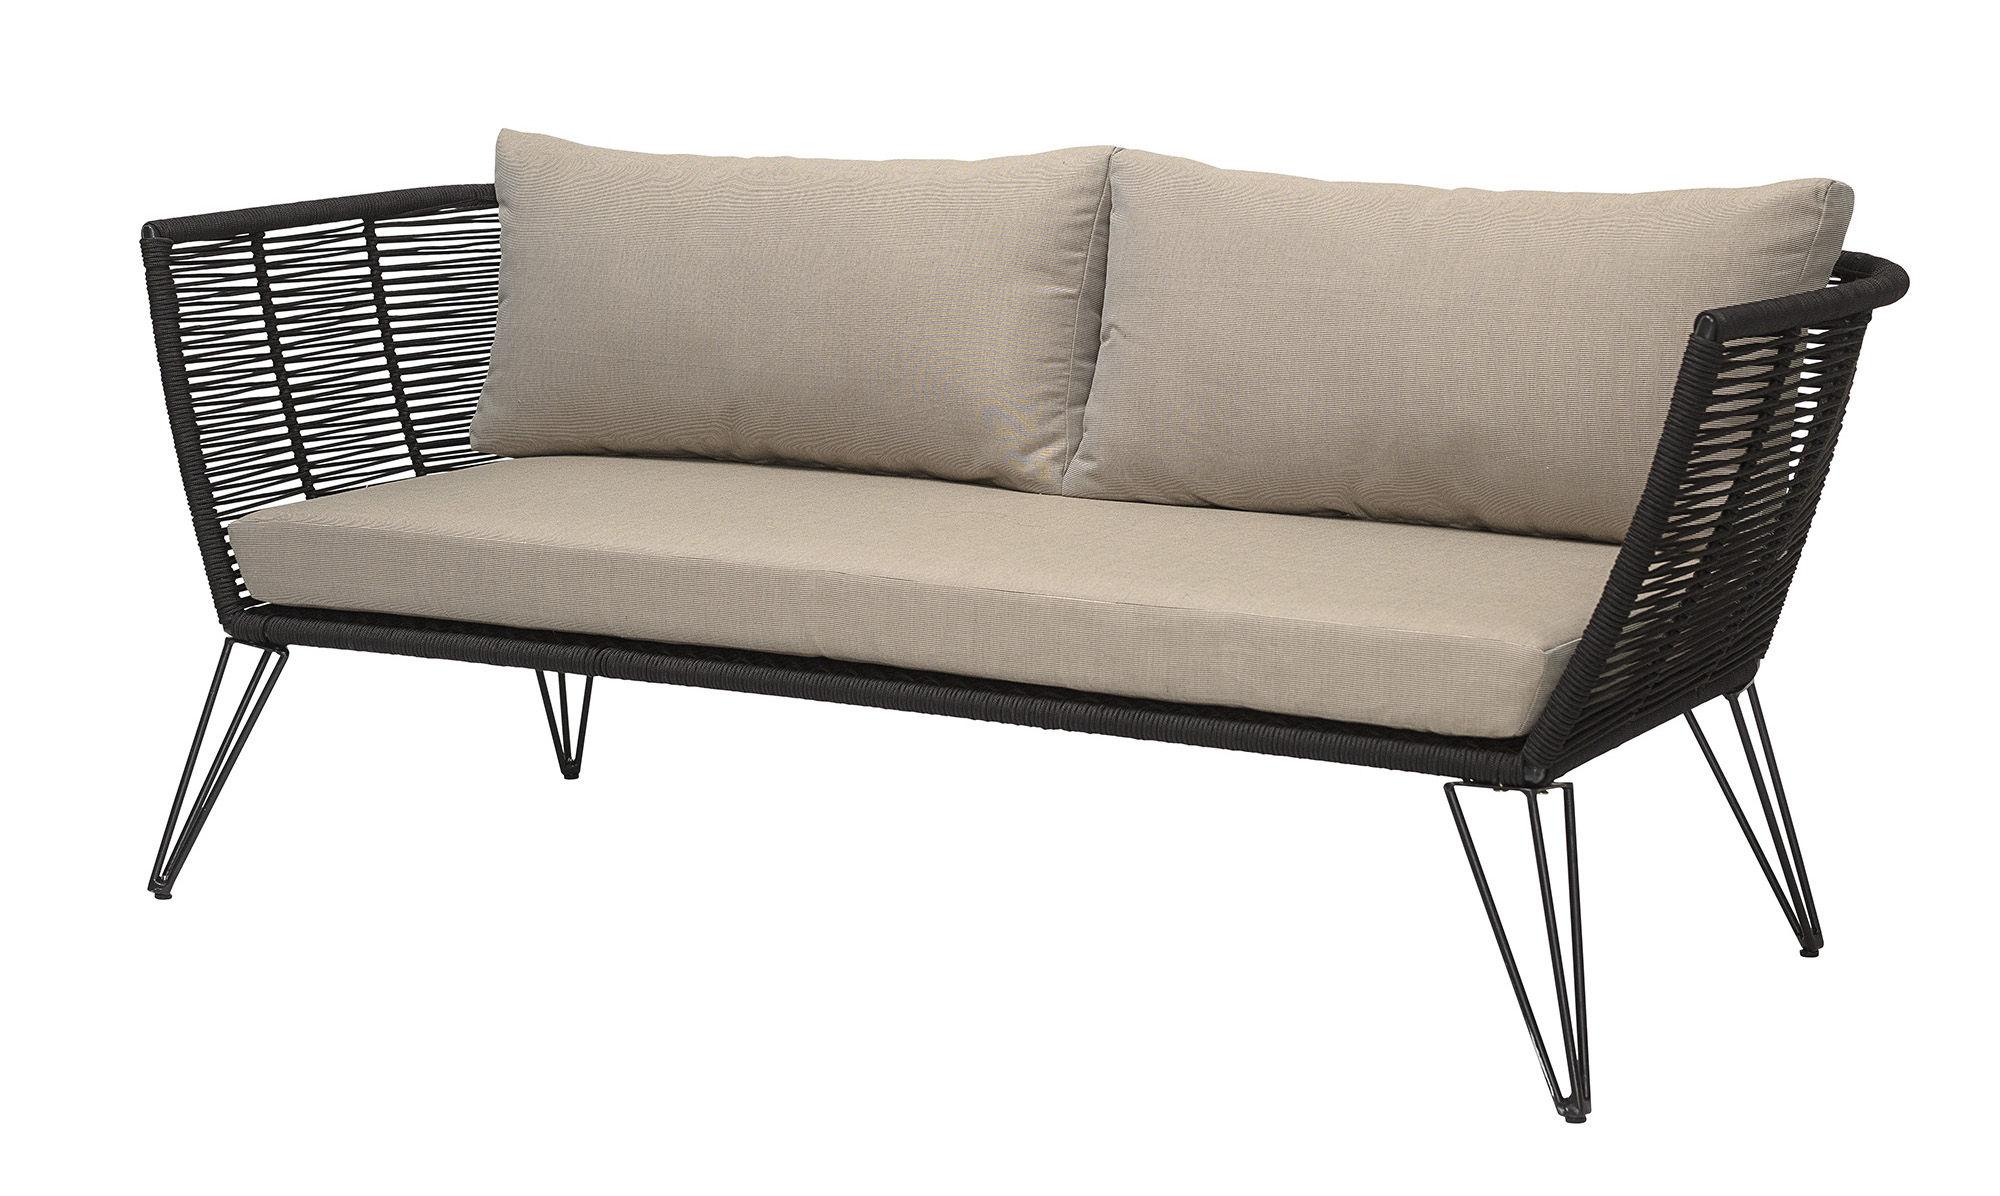 metal sofa l 175 cm f r haus terrasse und garten taupe schwarz by bloomingville made. Black Bedroom Furniture Sets. Home Design Ideas